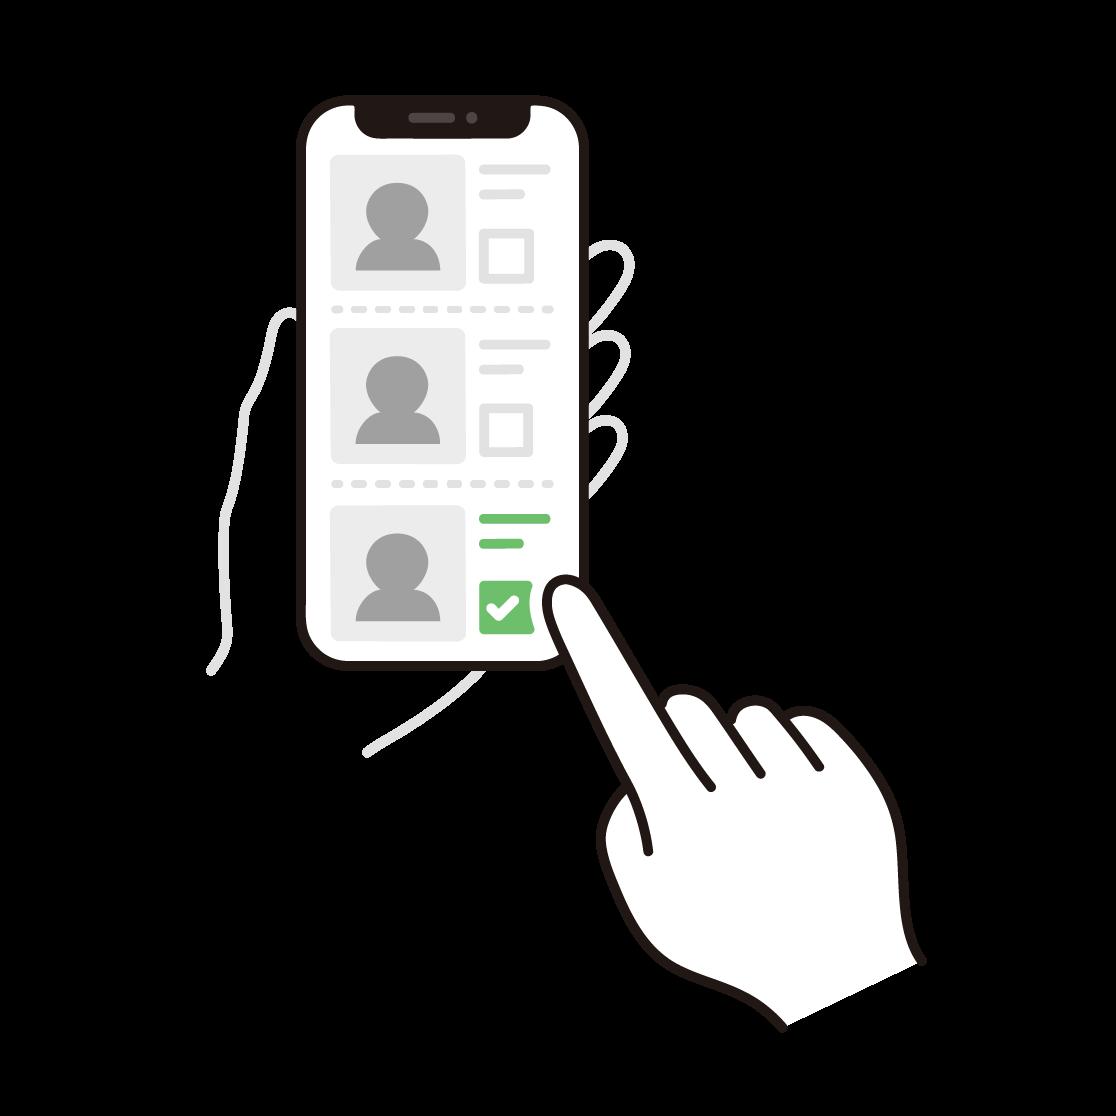 オンライン投票のイラスト